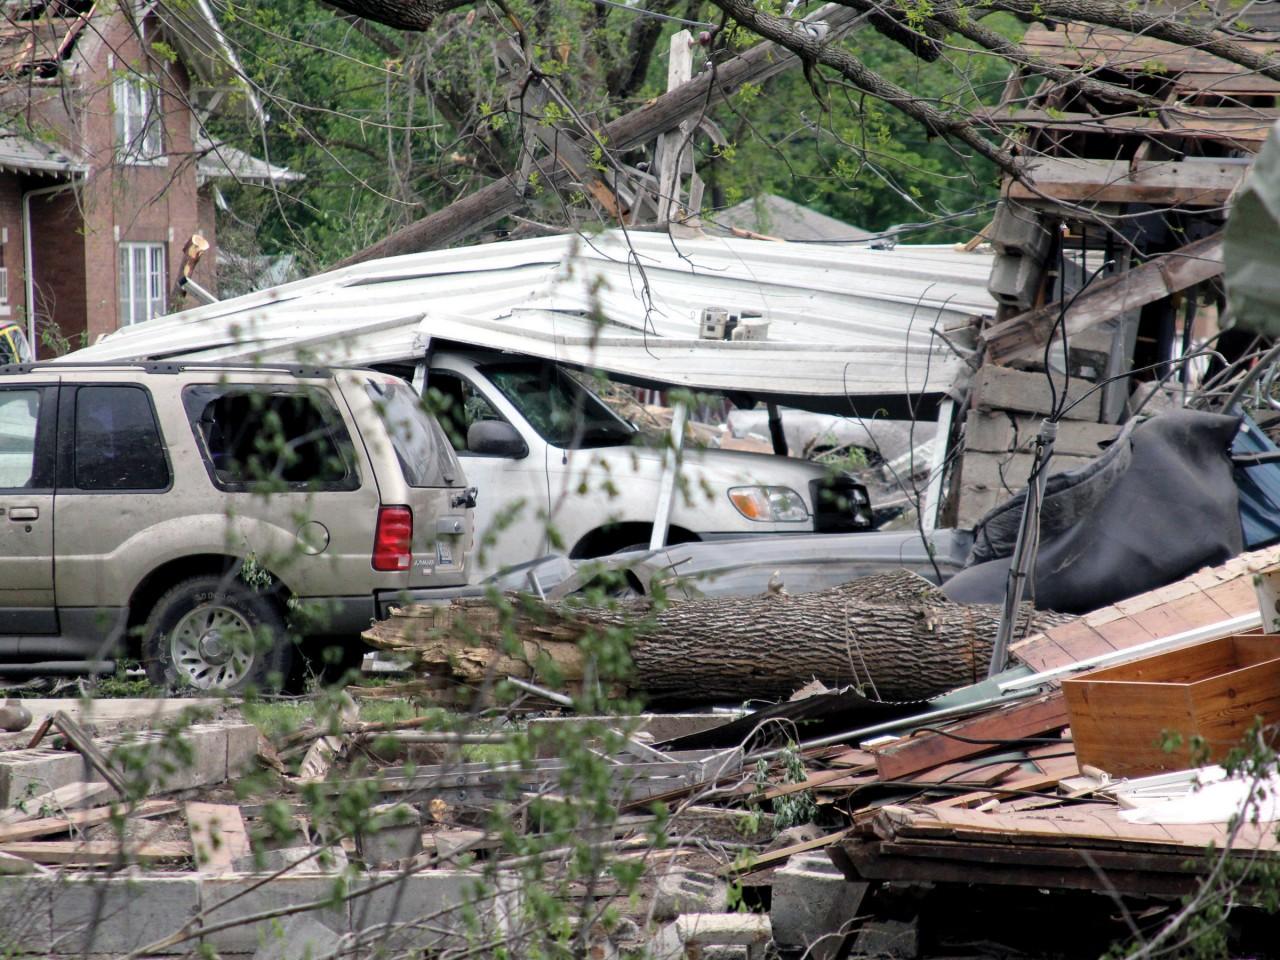 DR crews respond in Quapaw